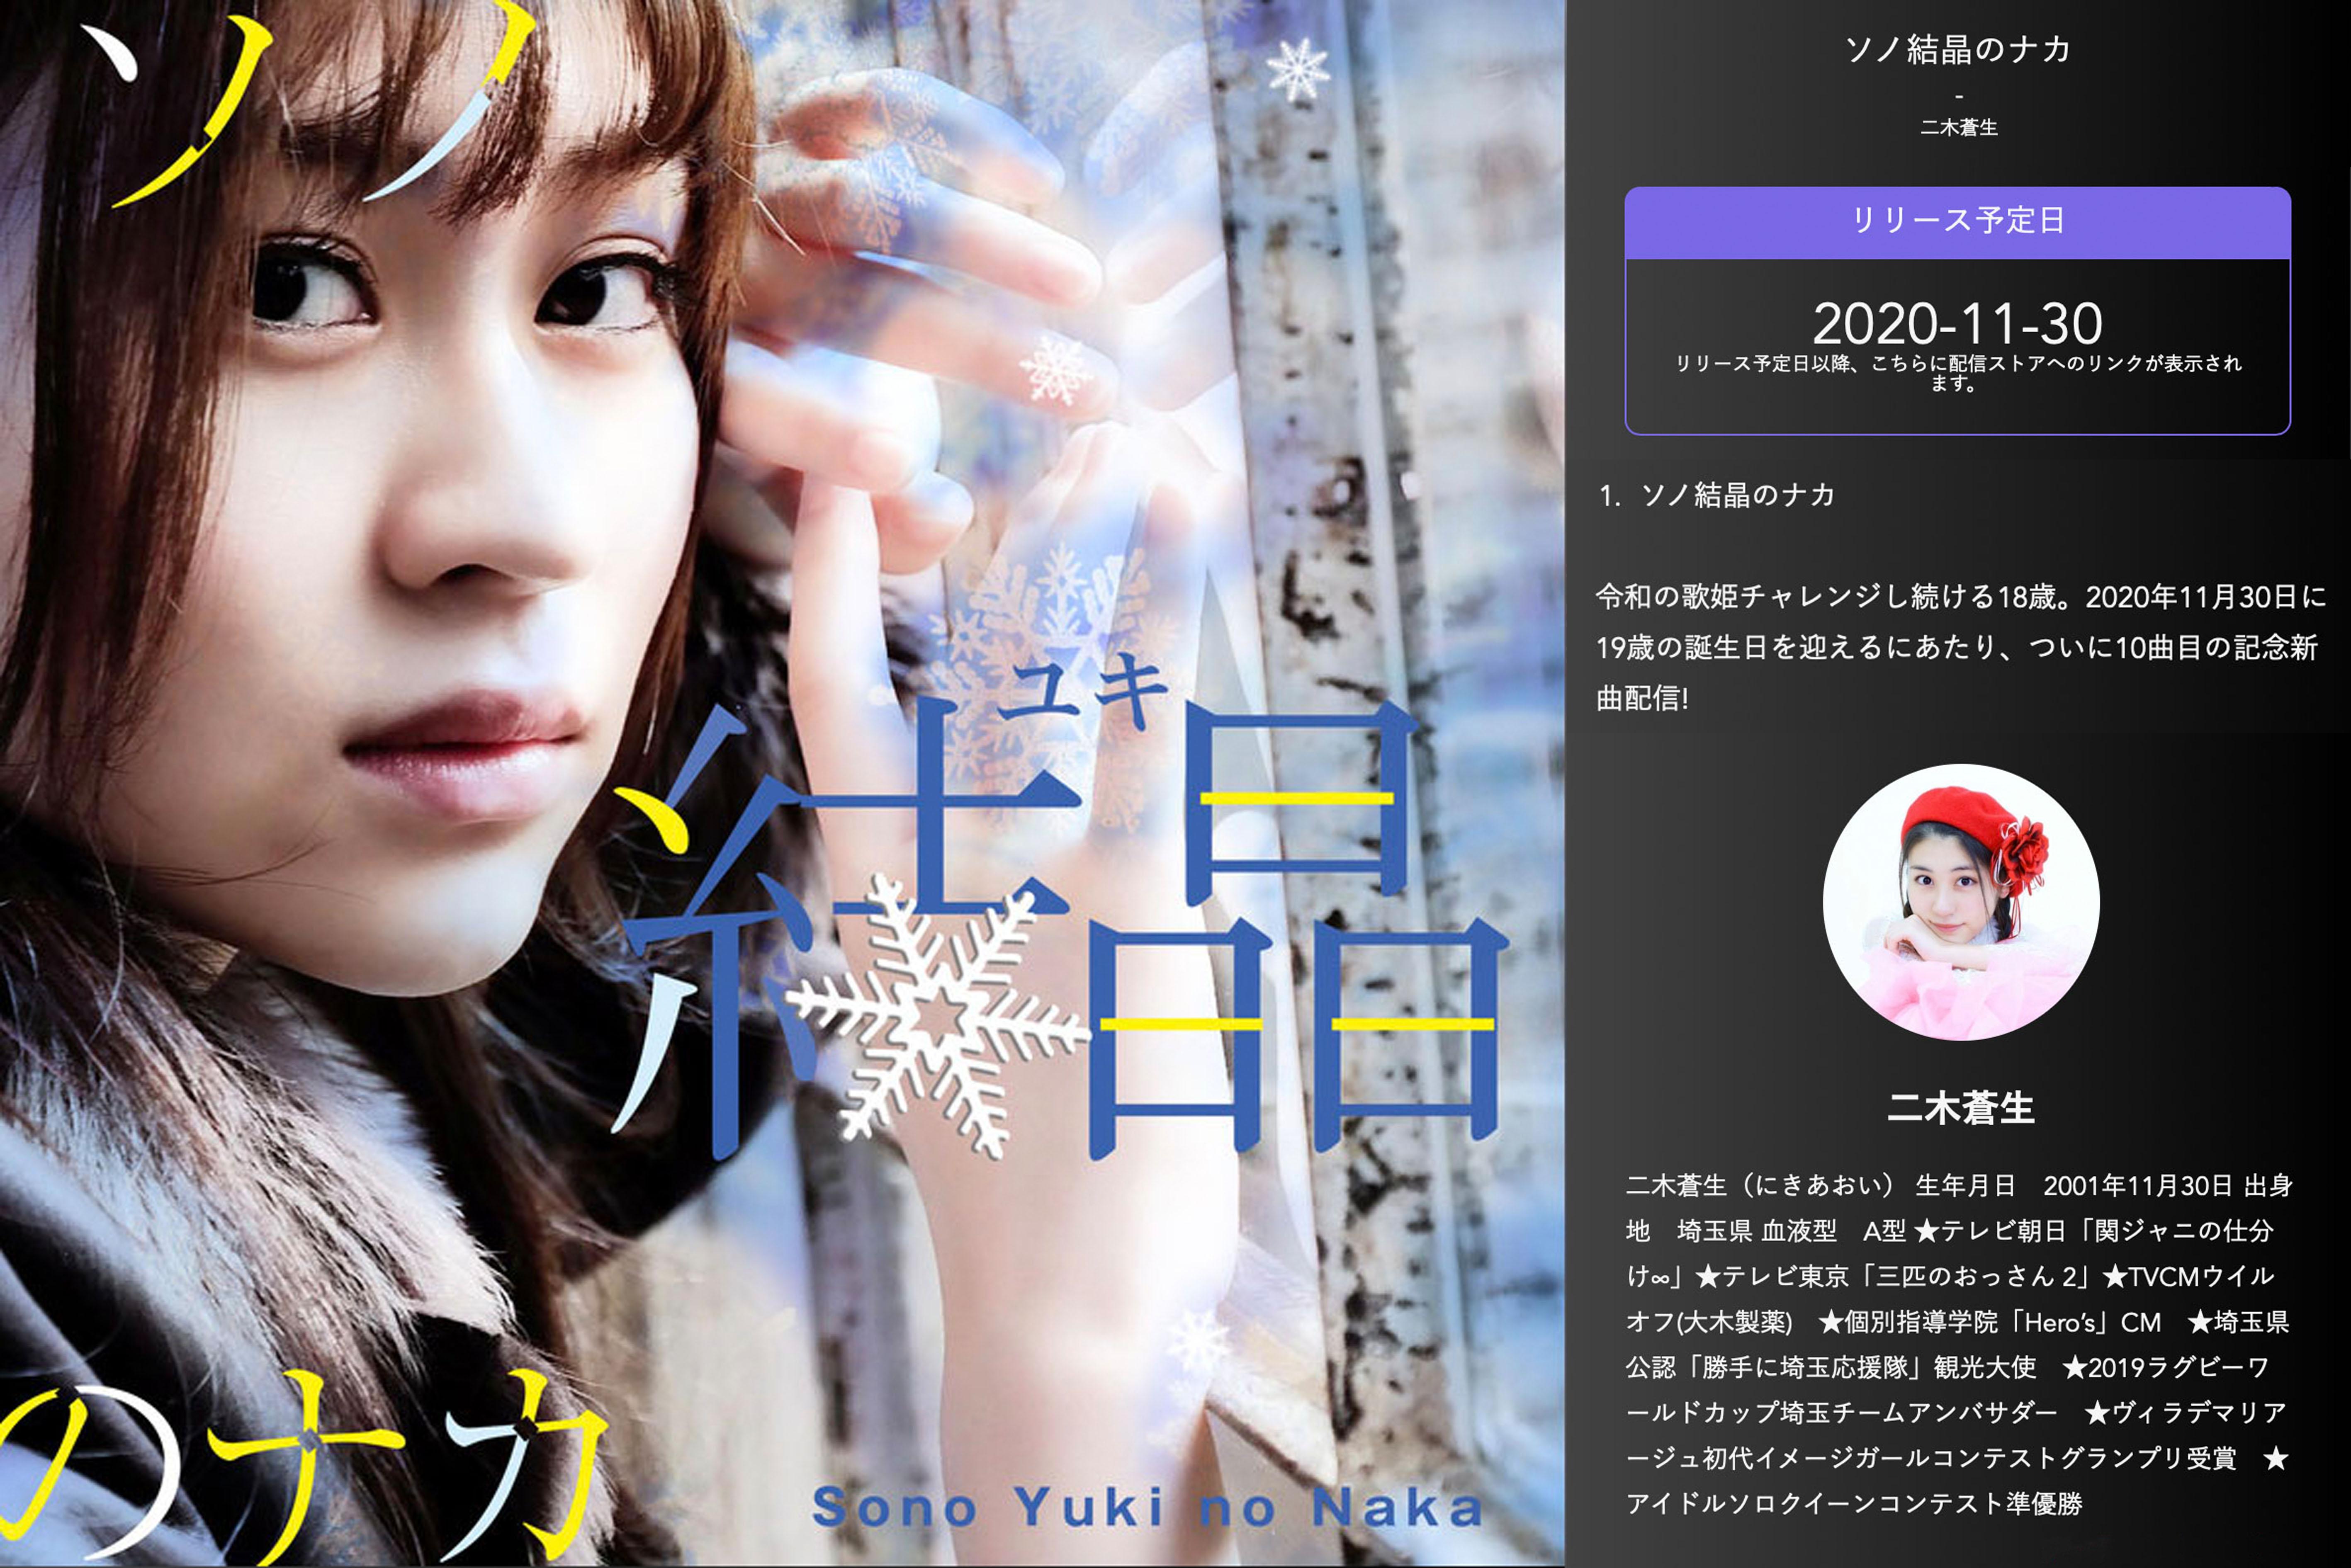 11/30(月)2020年〜2021年冬の新曲「ソノ結晶(ユキ)のナカ」配信開始